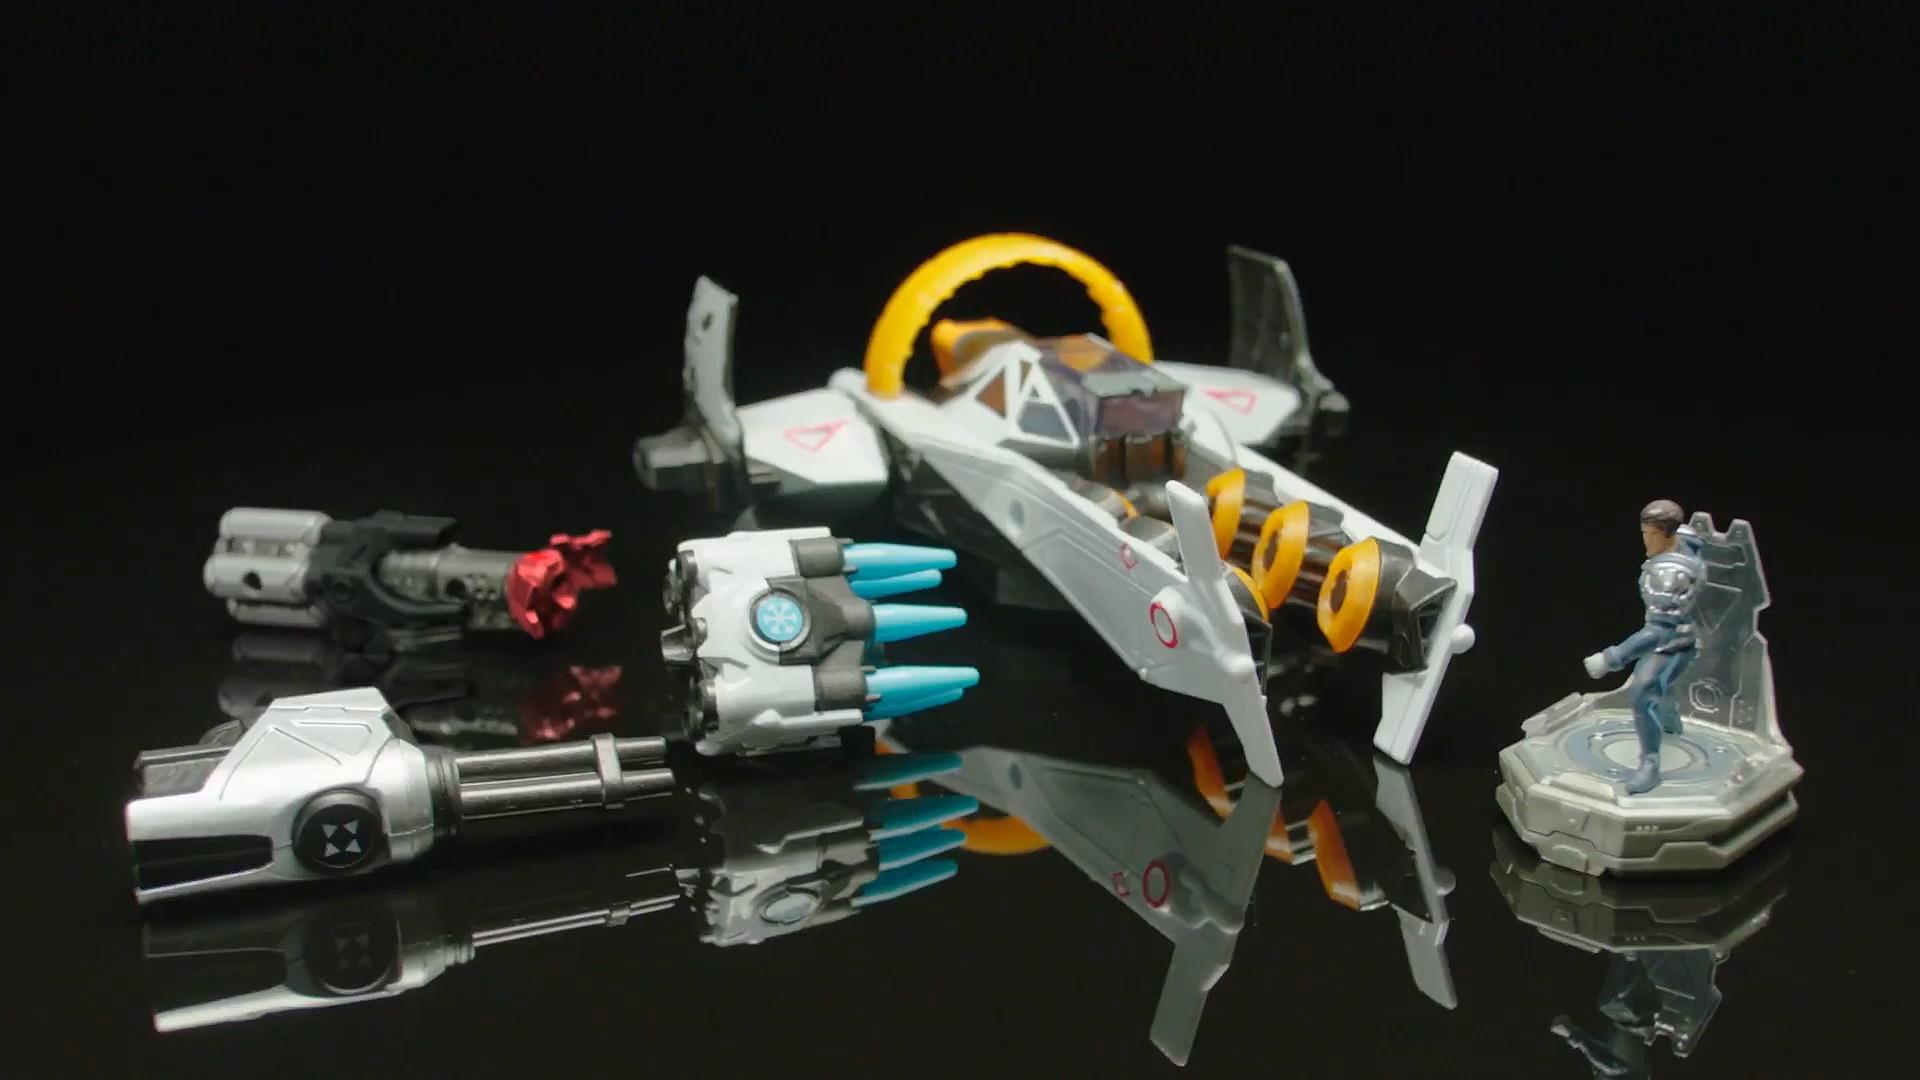 空战全新玩法!育碧《银河联军:阿特拉斯之战》搭配实体玩具